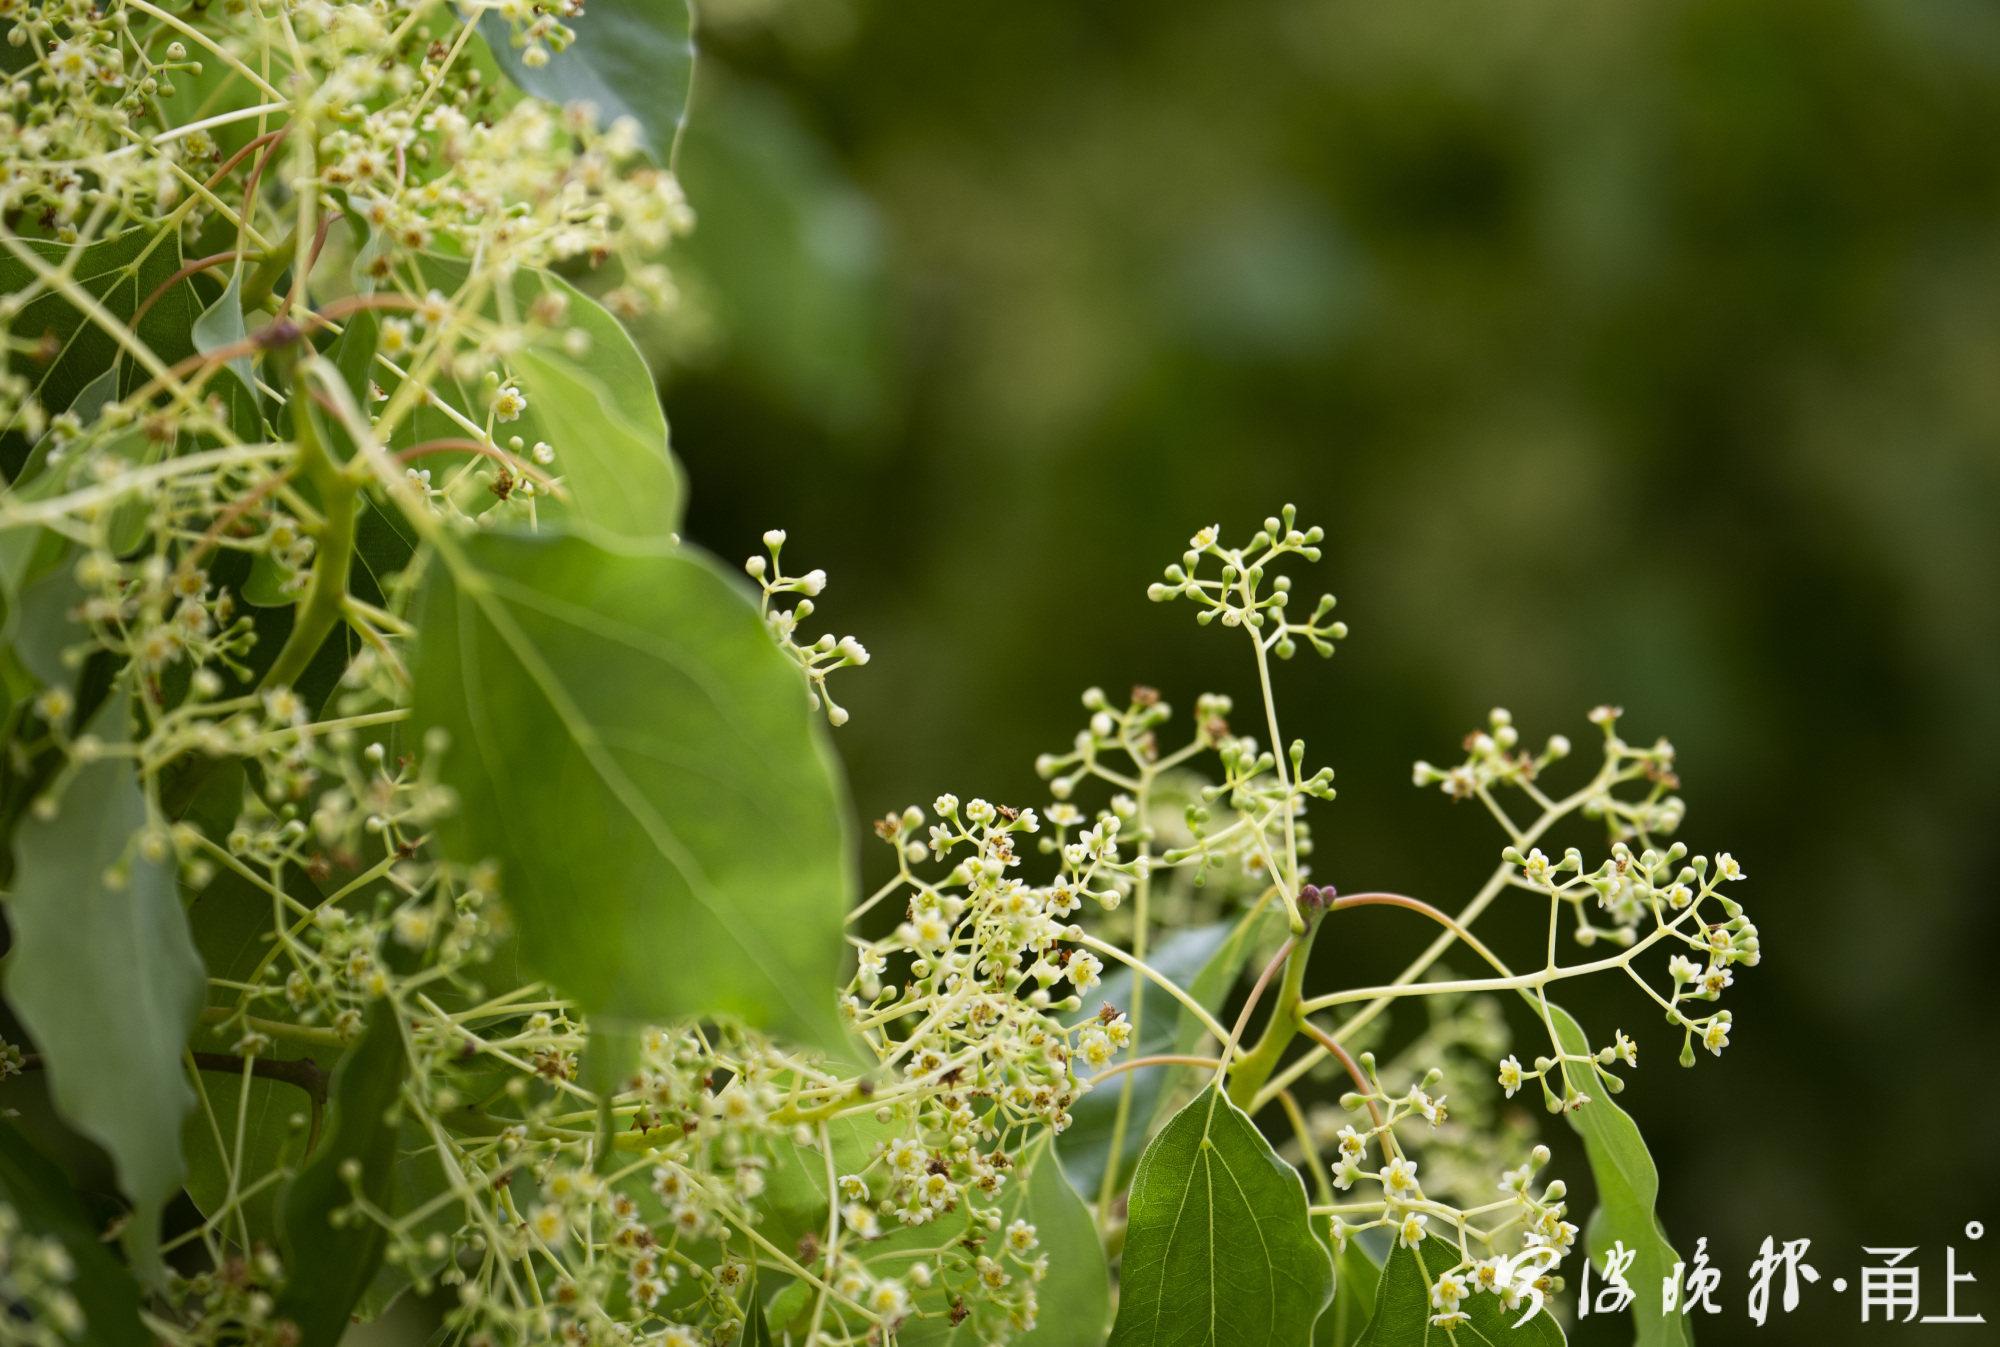 樟树开花2.jpg